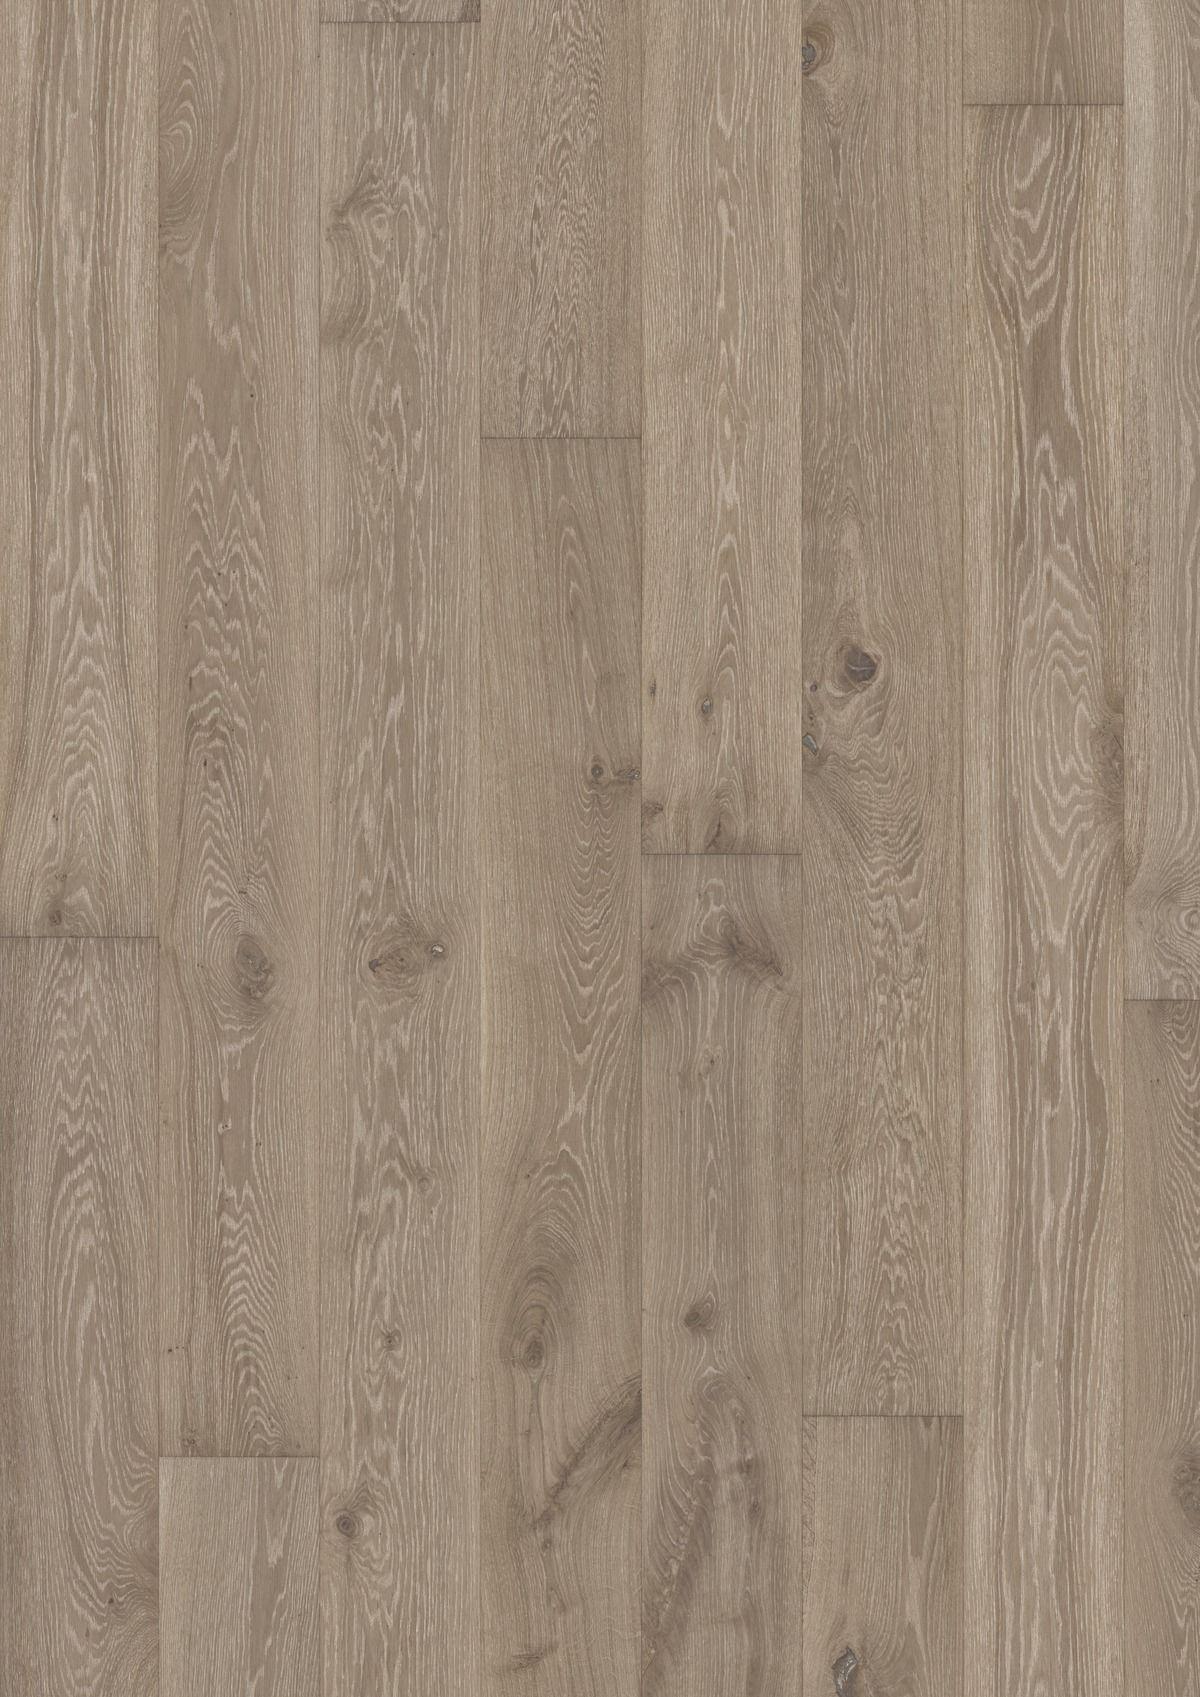 Oak Nouveau Gray Ceiling texture types, Wood floor